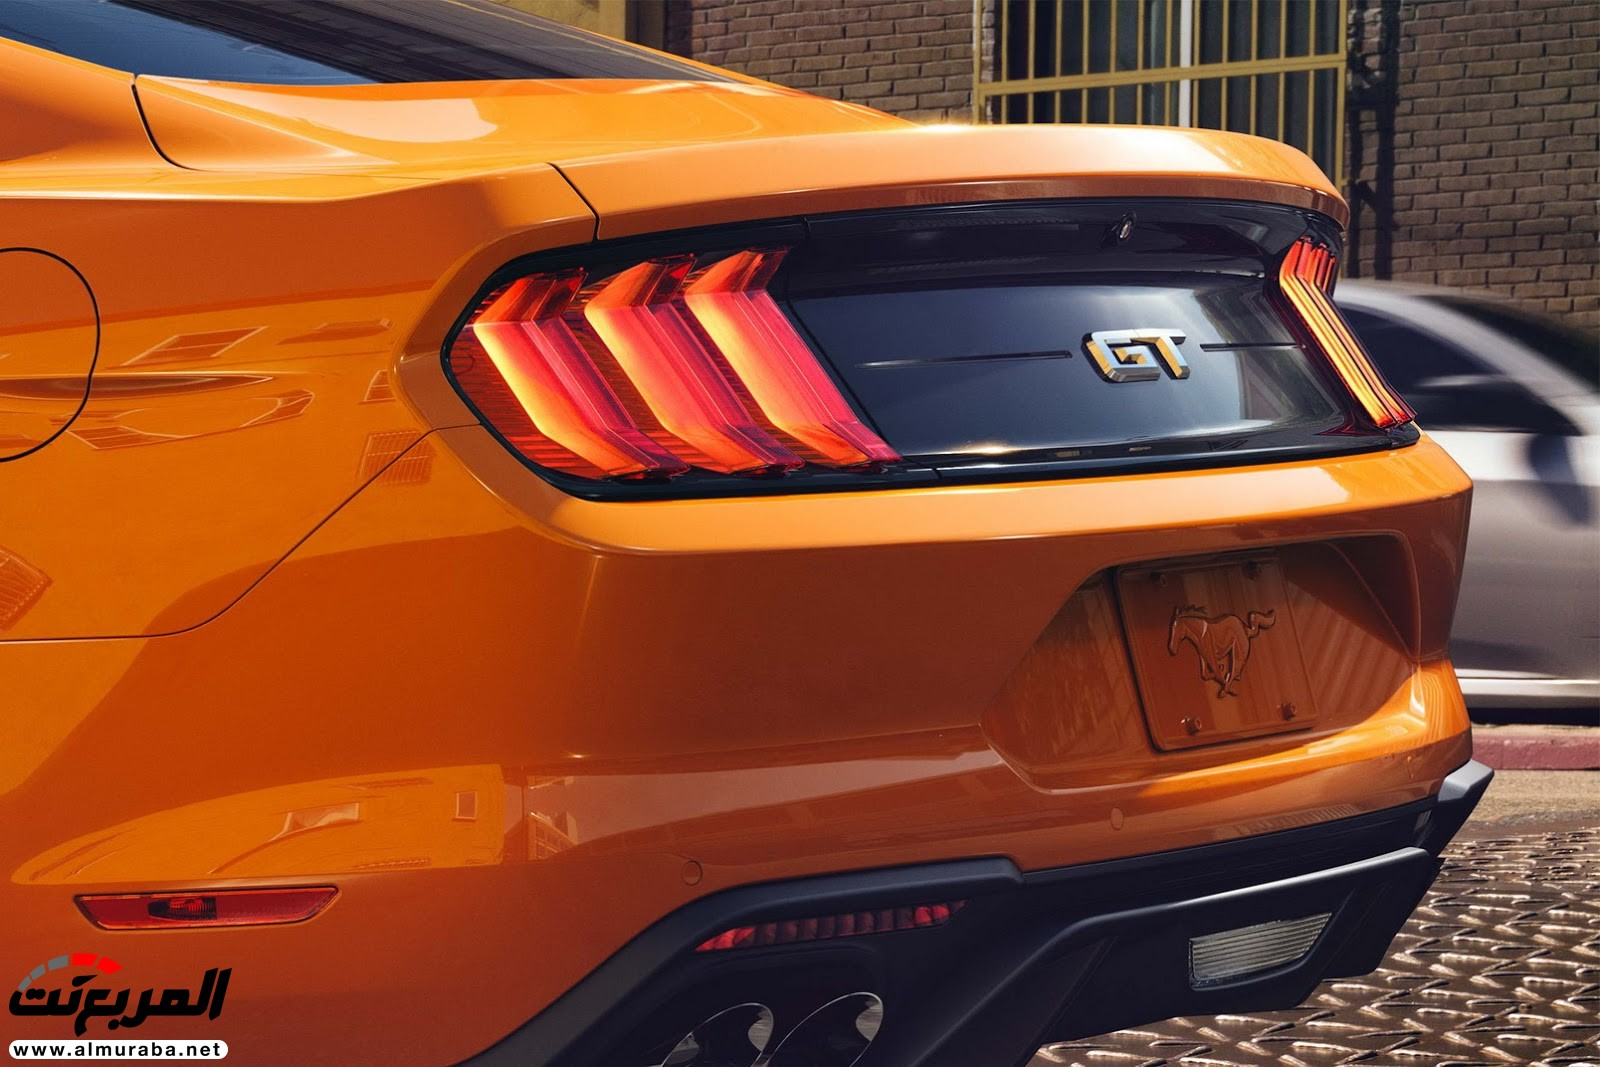 """""""مقارنة تصويرية"""" بين موديلي """"فورد"""" موستنج 2017 و 2018 Ford Mustang   المربع نت"""